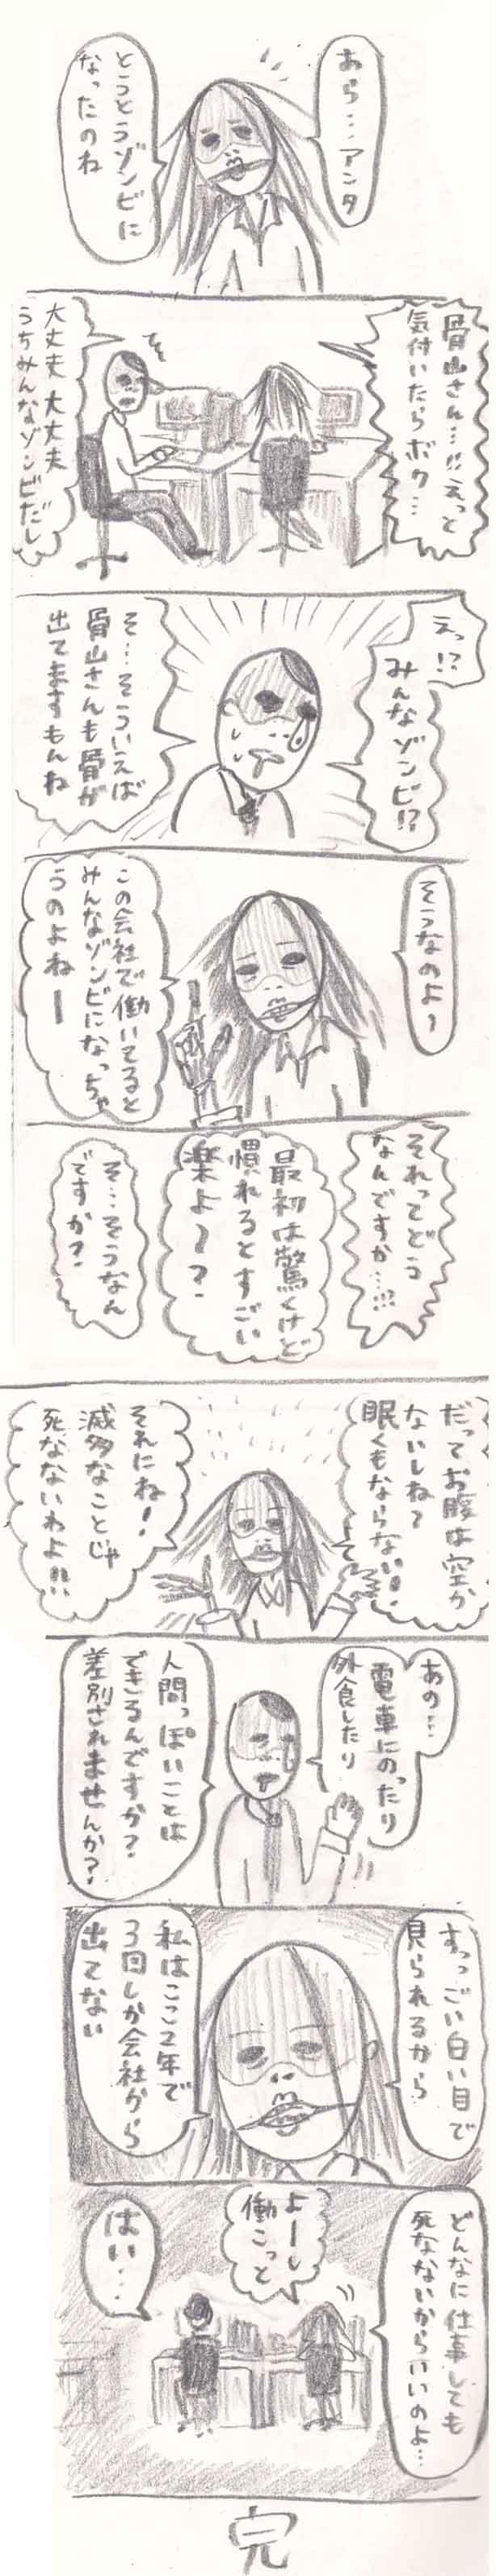 ゾンビ漫画3